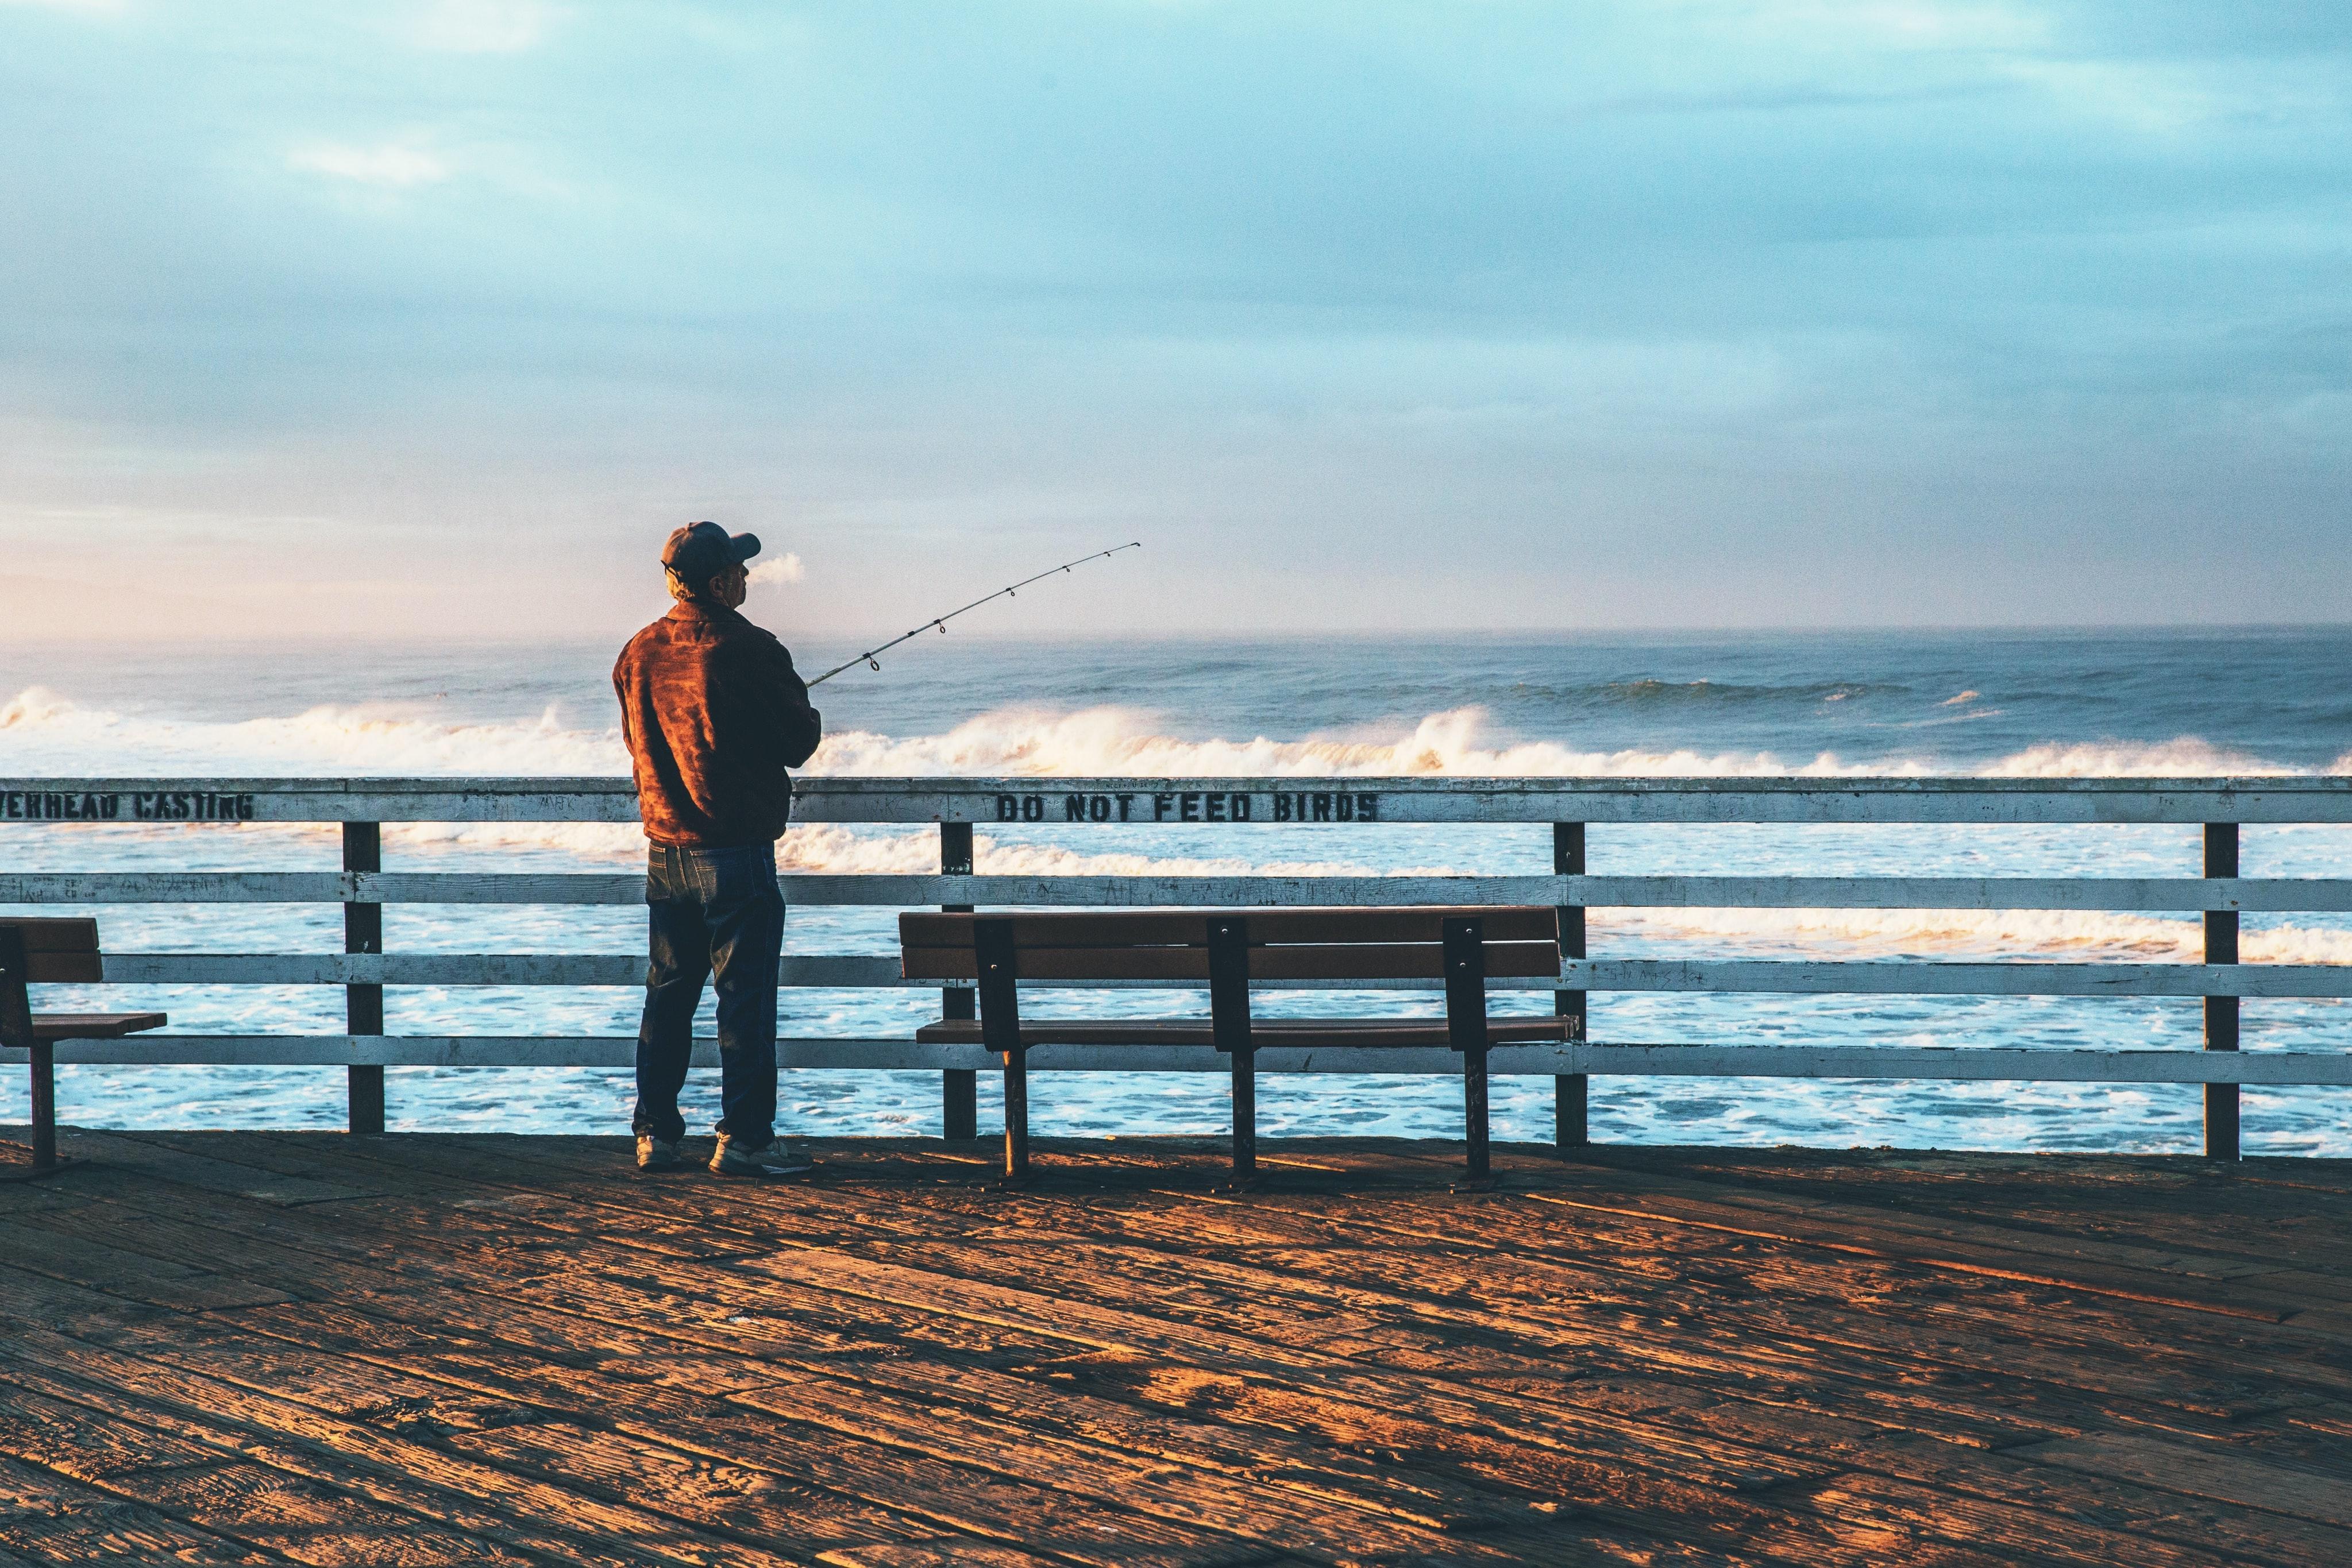 Рыболов за забором на фоне реки